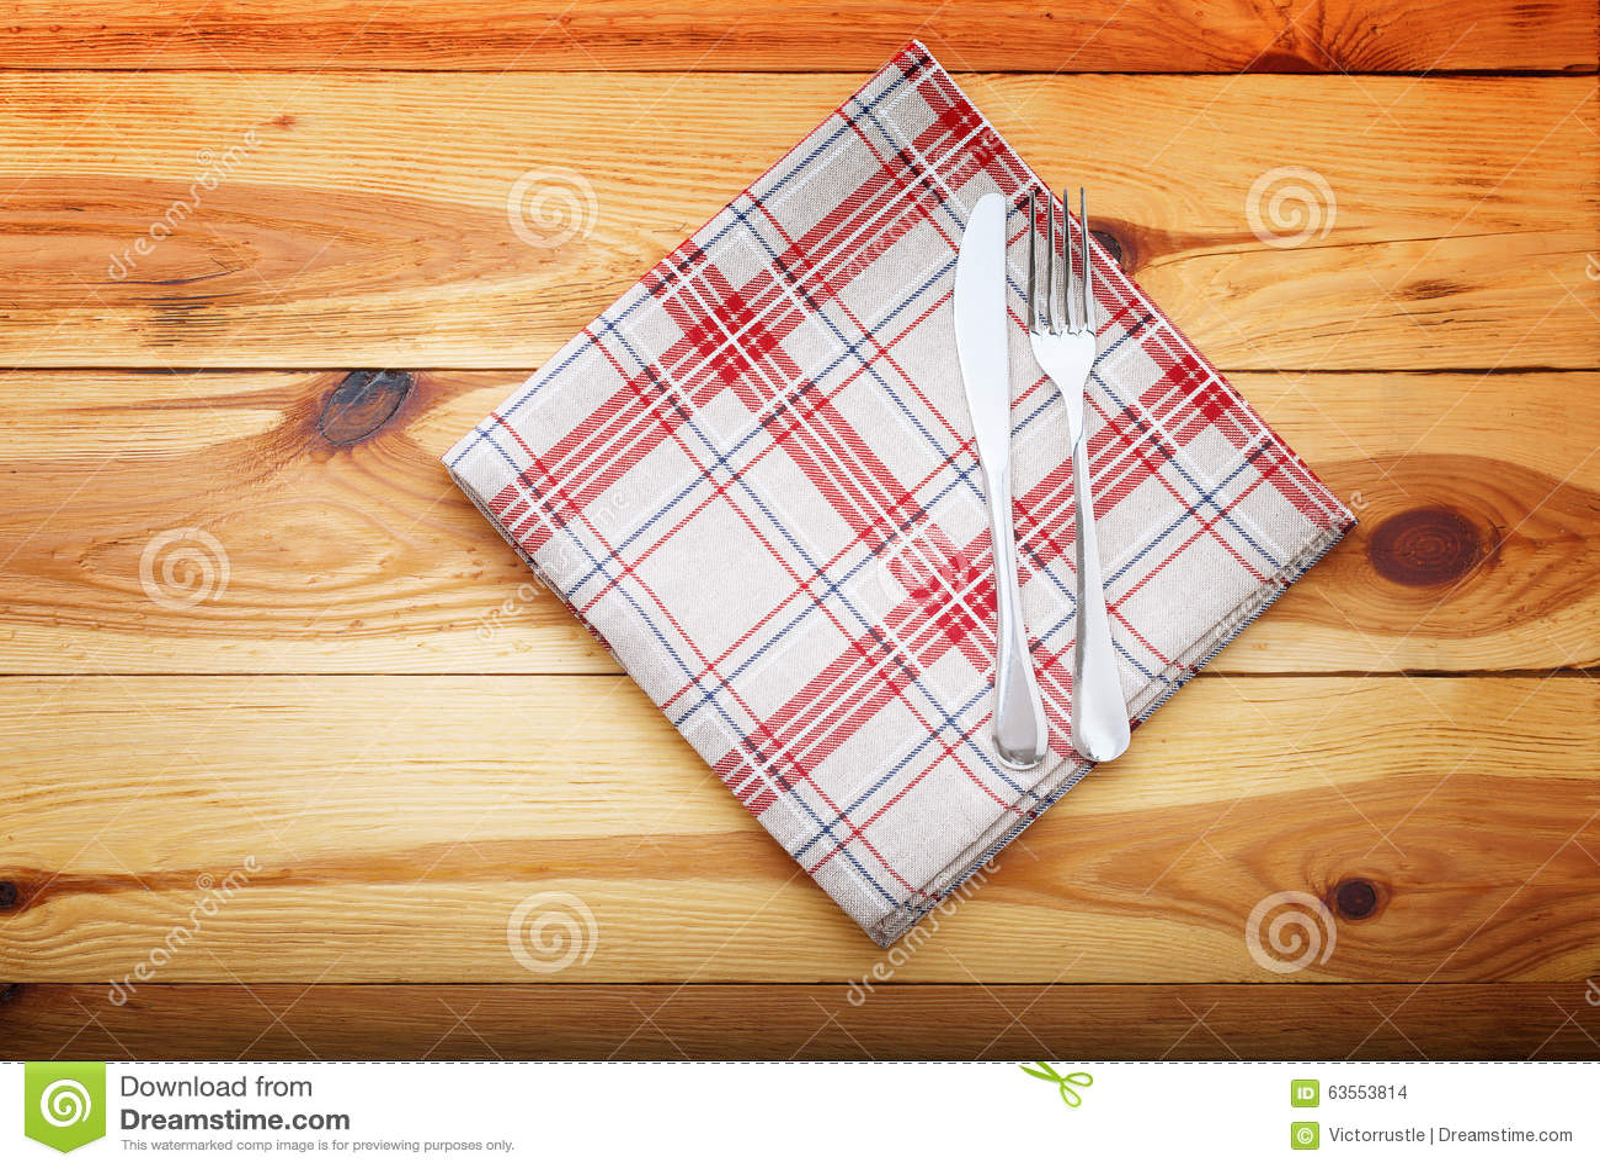 Cucina Tavolo Da Cucina Di Legno Con La Tovaglia Rossa Vuota Per La ...